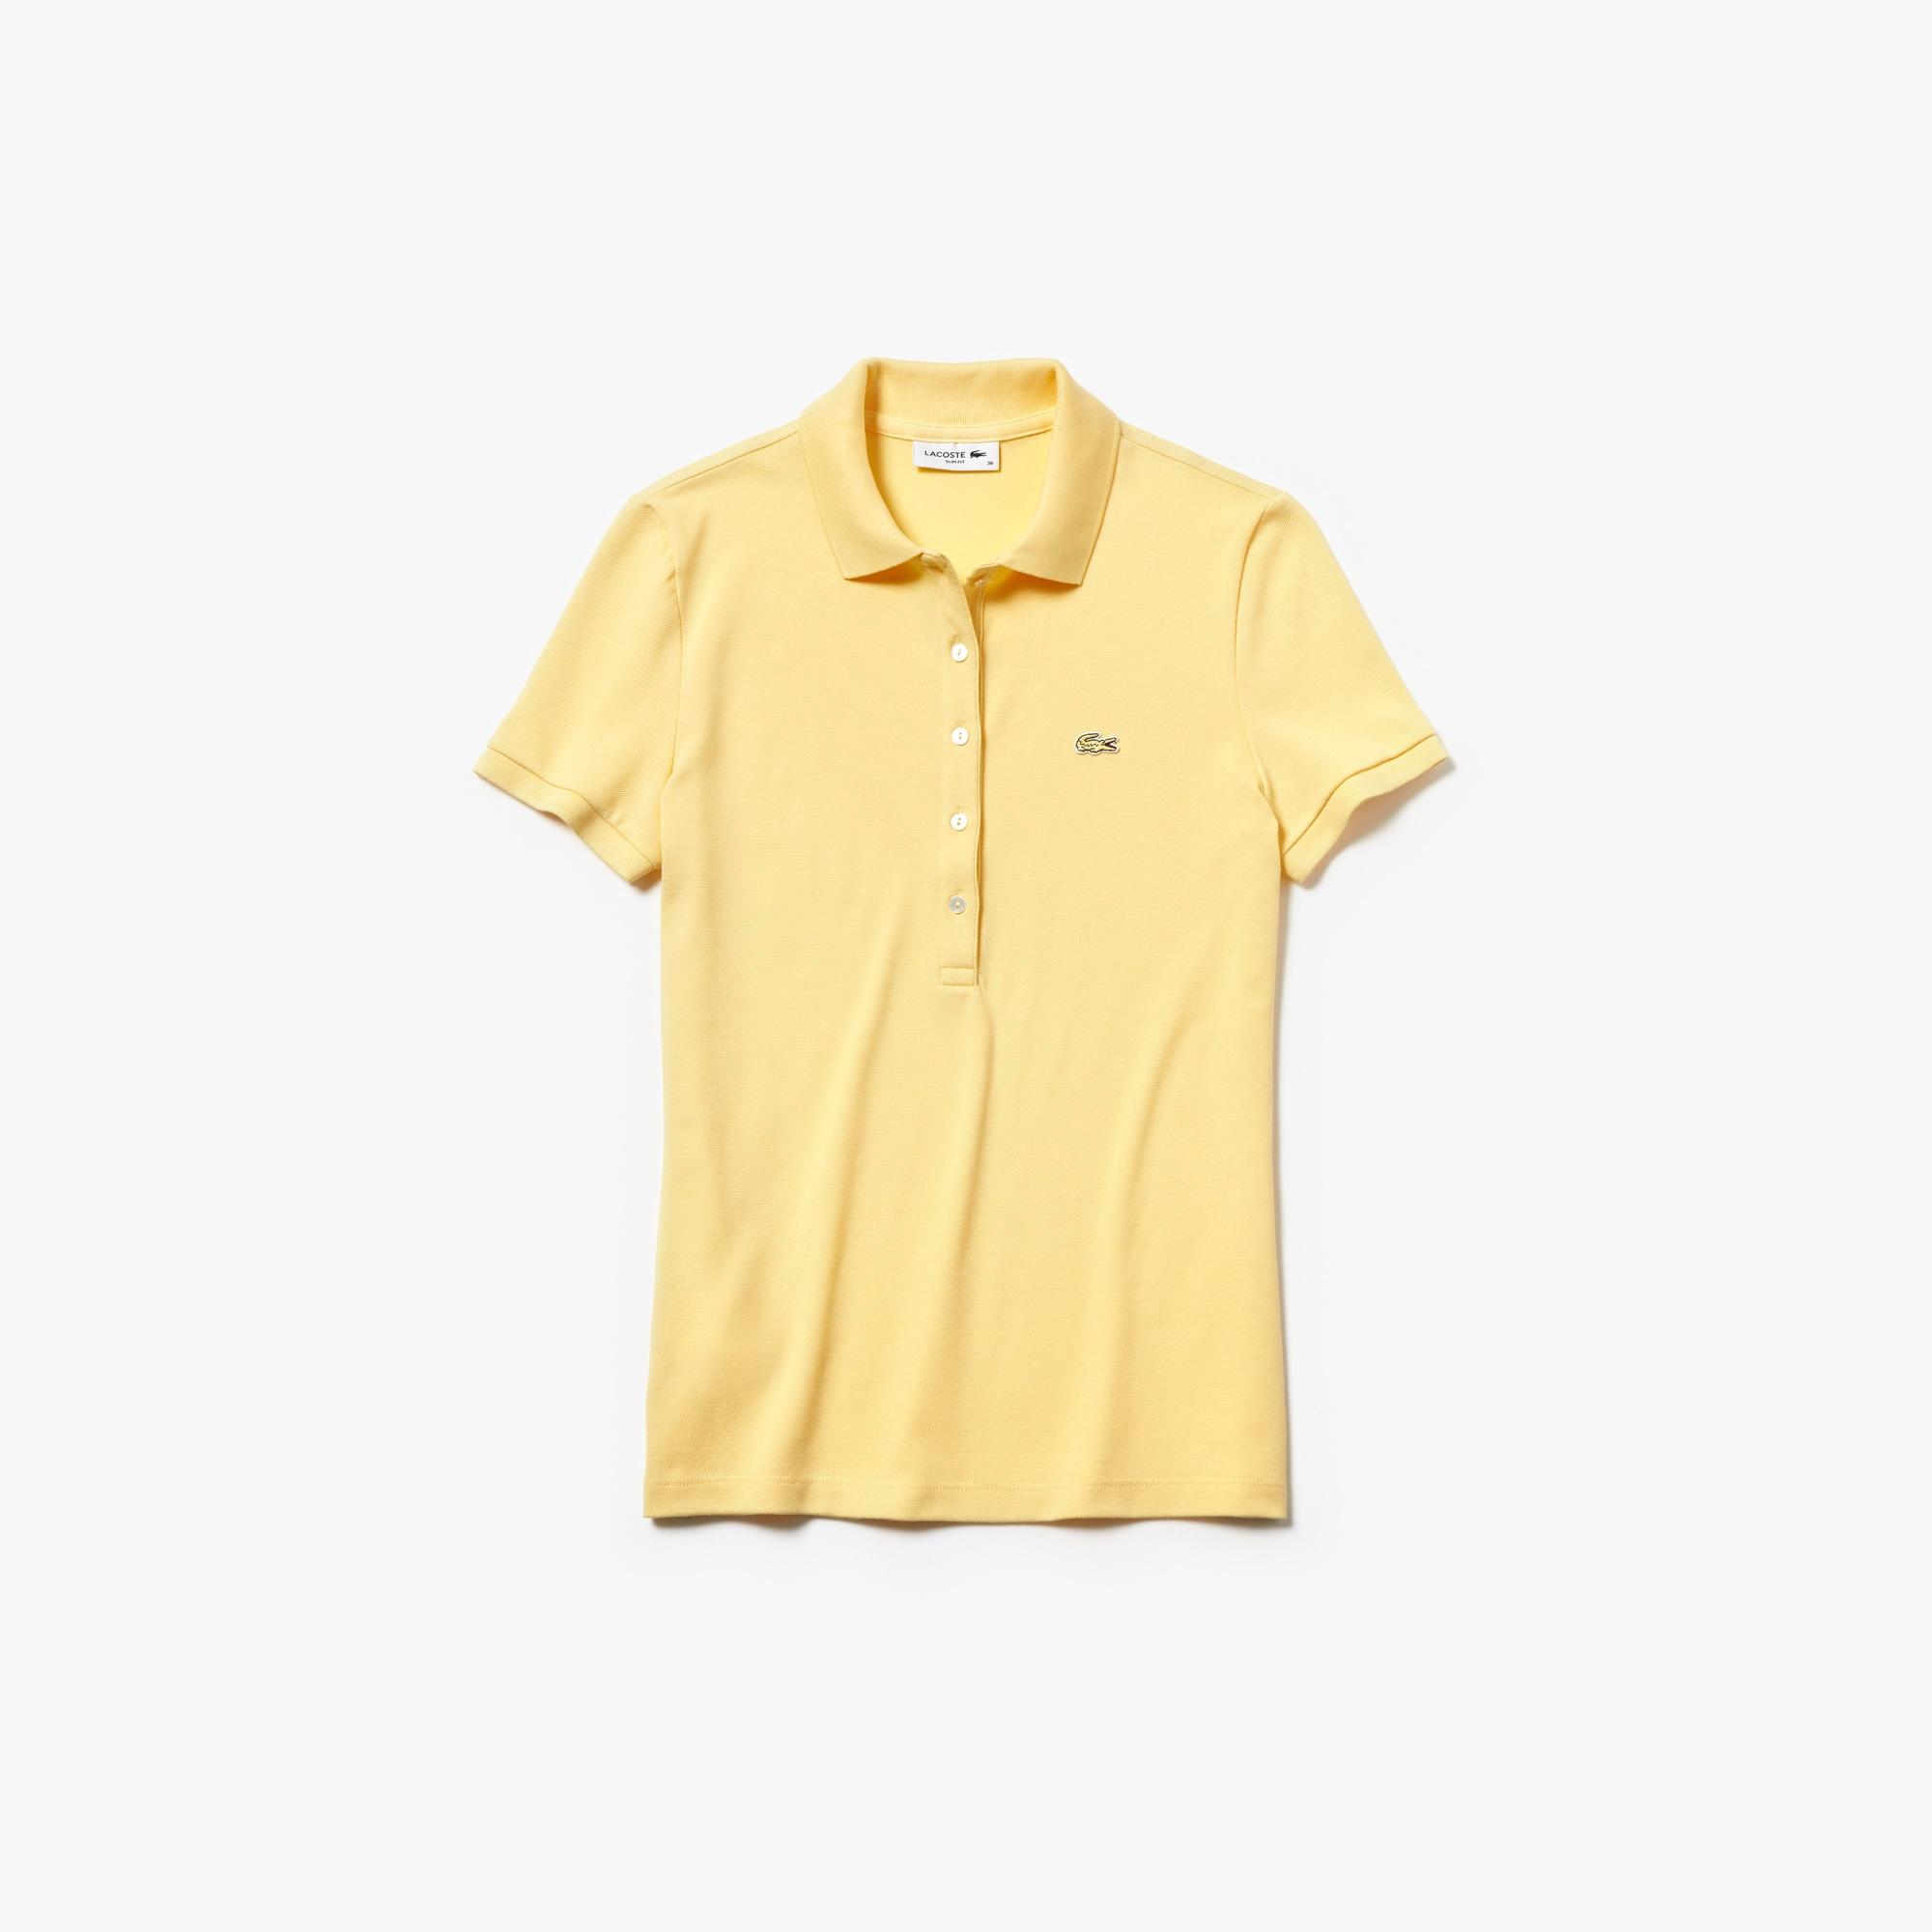 라코스테 Lacoste Womens Slim Fit Stretch Mini Cotton Pique Polo Shirt,yellow